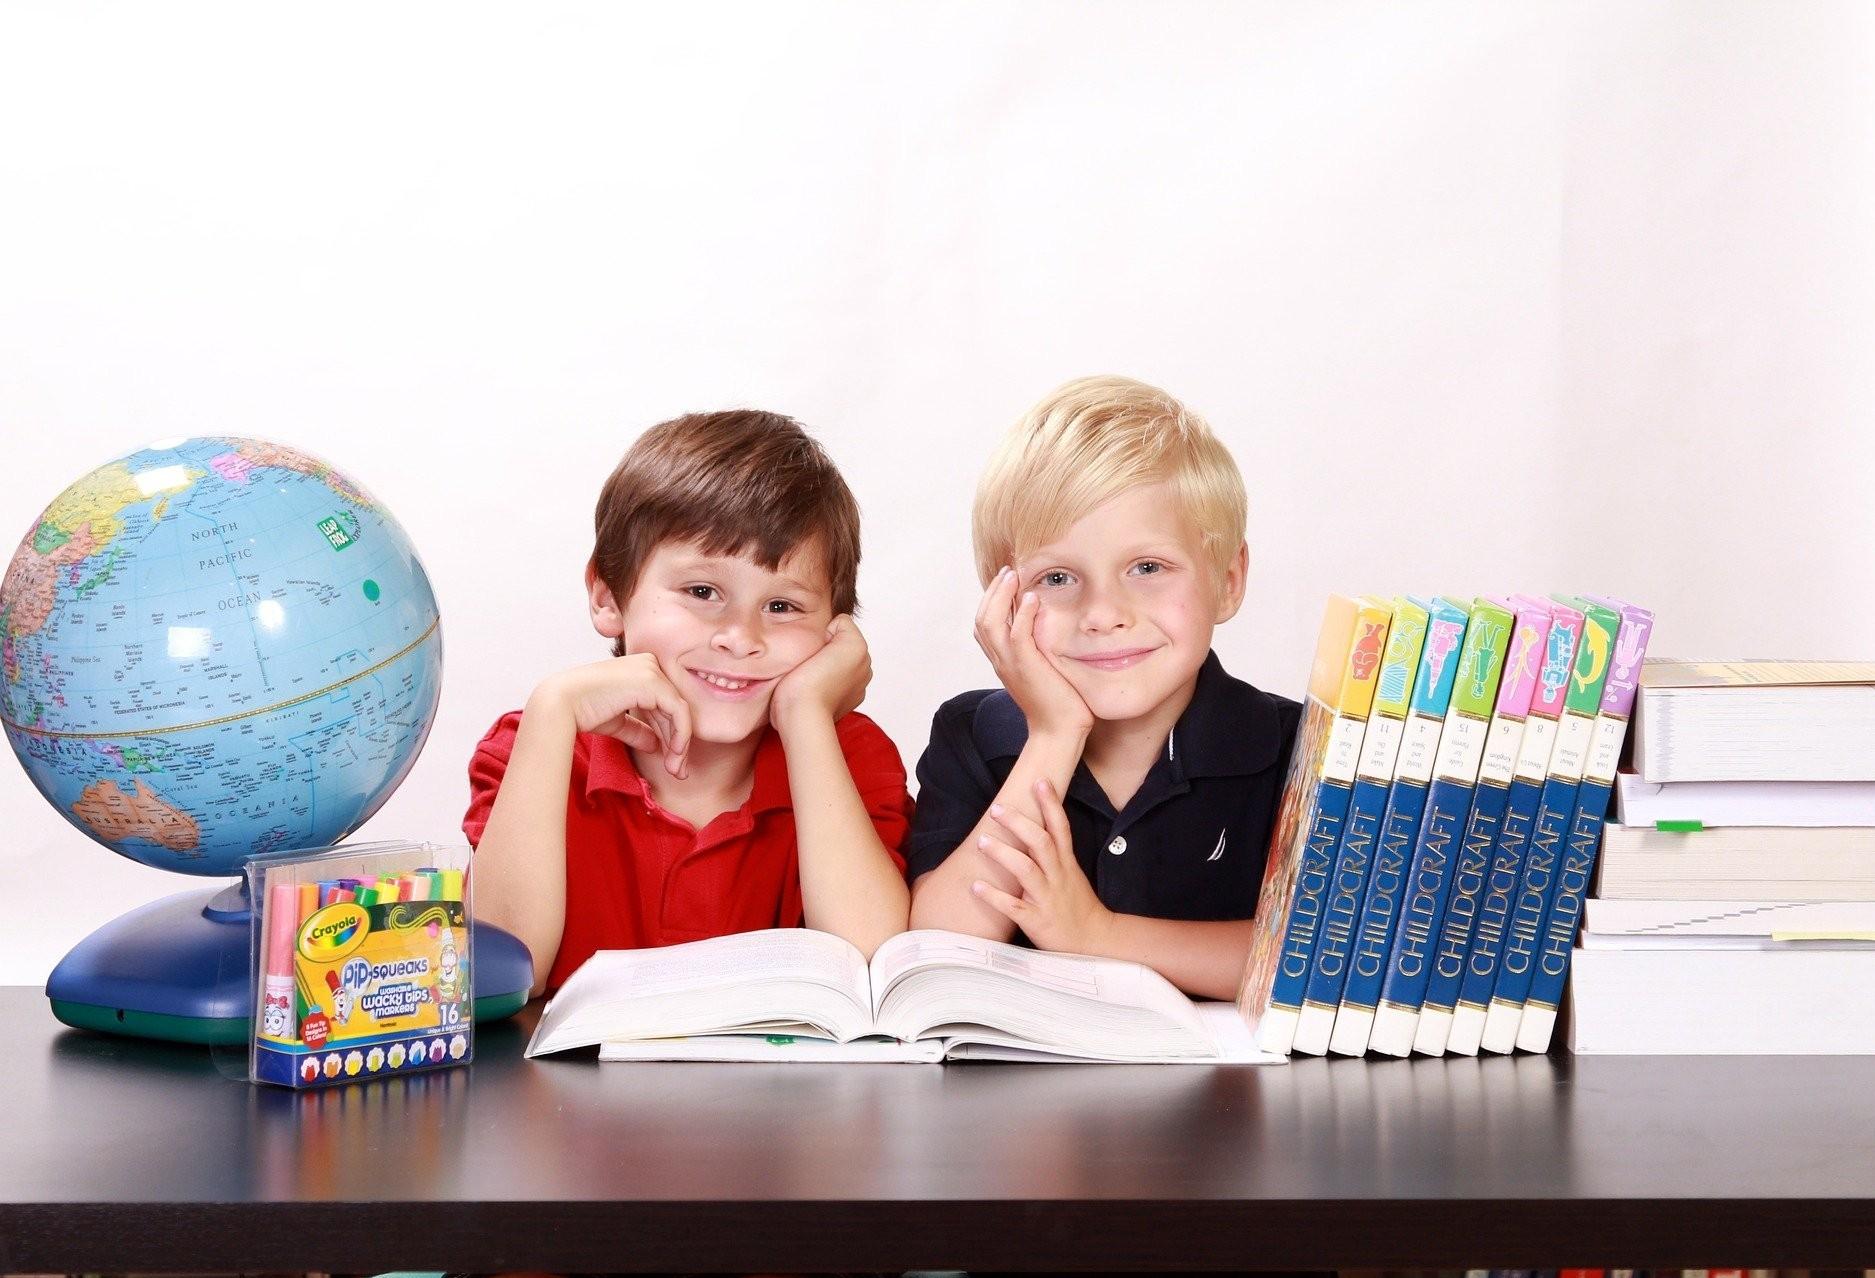 Sindicato mobiliza processo de visitação nas instalações escolares